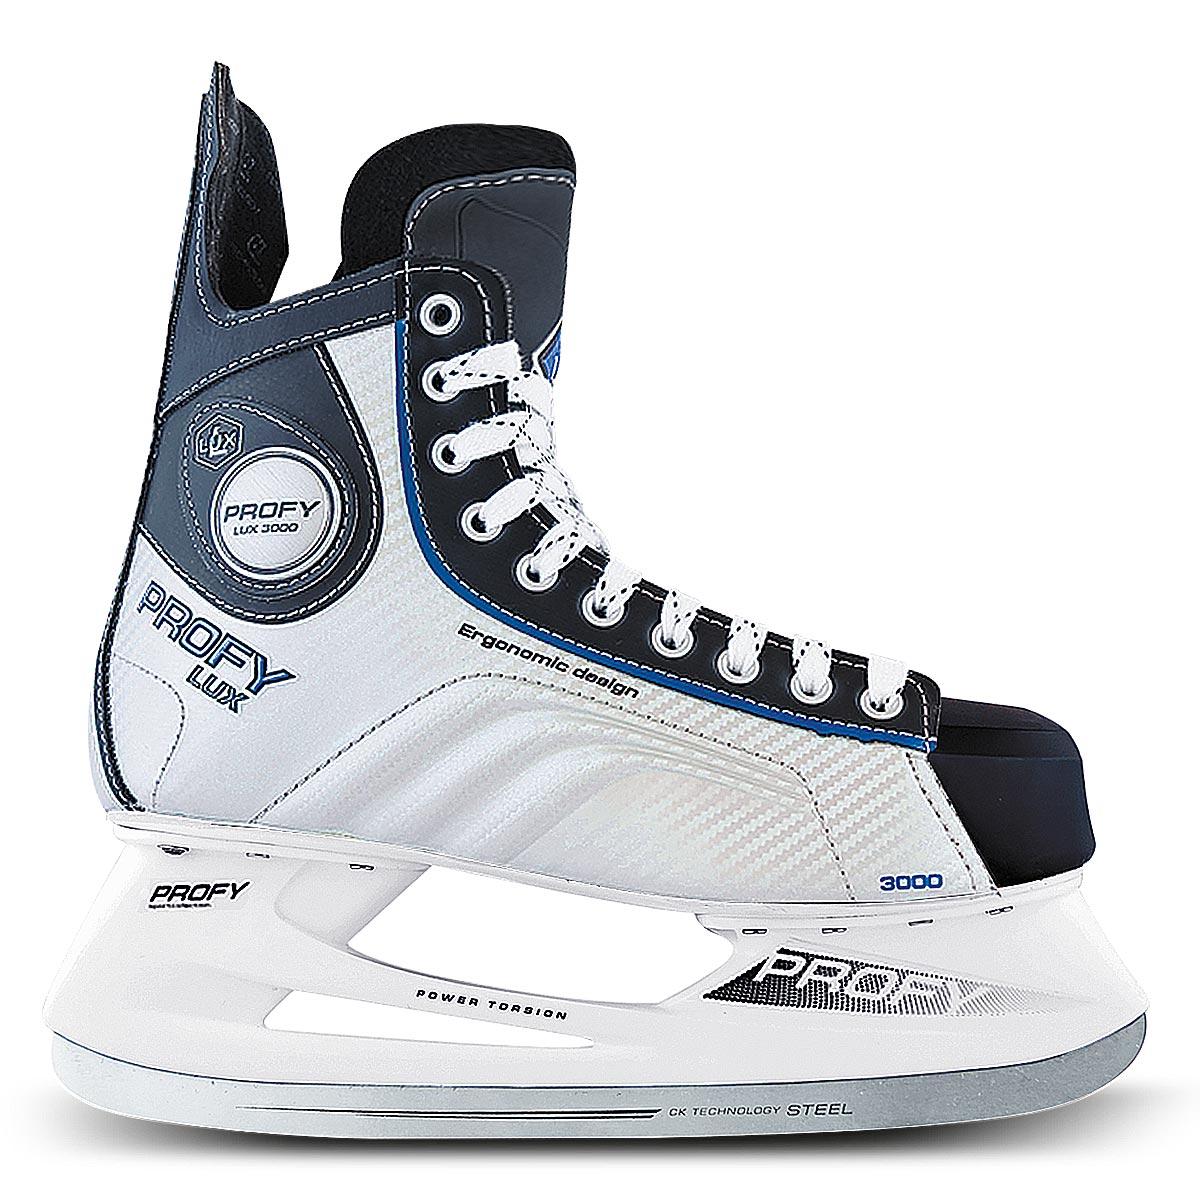 Коньки хоккейные мужские СК Profy Lux 3000, цвет: черный, серебряный, синий. Размер 41PROFY LUX 3000 Blue_41Стильные мужские коньки от CK Profy Lux 3000 Blue прекрасно подойдут для начинающих игроков в хоккей. Ботинок выполнен из морозоустойчивой искусственной кожи и резистентного ПВХ. Мыс дополнен вставкой, которая защитит ноги от ударов. Внутренний слой и стелька изготовлены из мягкого трикотажа, который обеспечит тепло и комфорт во время катания, язычок - из войлока. Плотная шнуровка надежно фиксирует модель на ноге. Голеностоп имеет удобный суппорт. По бокам, на язычке и заднике коньки декорированы принтом и тиснением в виде логотипа бренда. Подошва - из твердого пластика. Стойка выполнена из ударопрочного поливинилхлорида. Лезвие из углеродистой нержавеющей стали обеспечит превосходное скольжение.